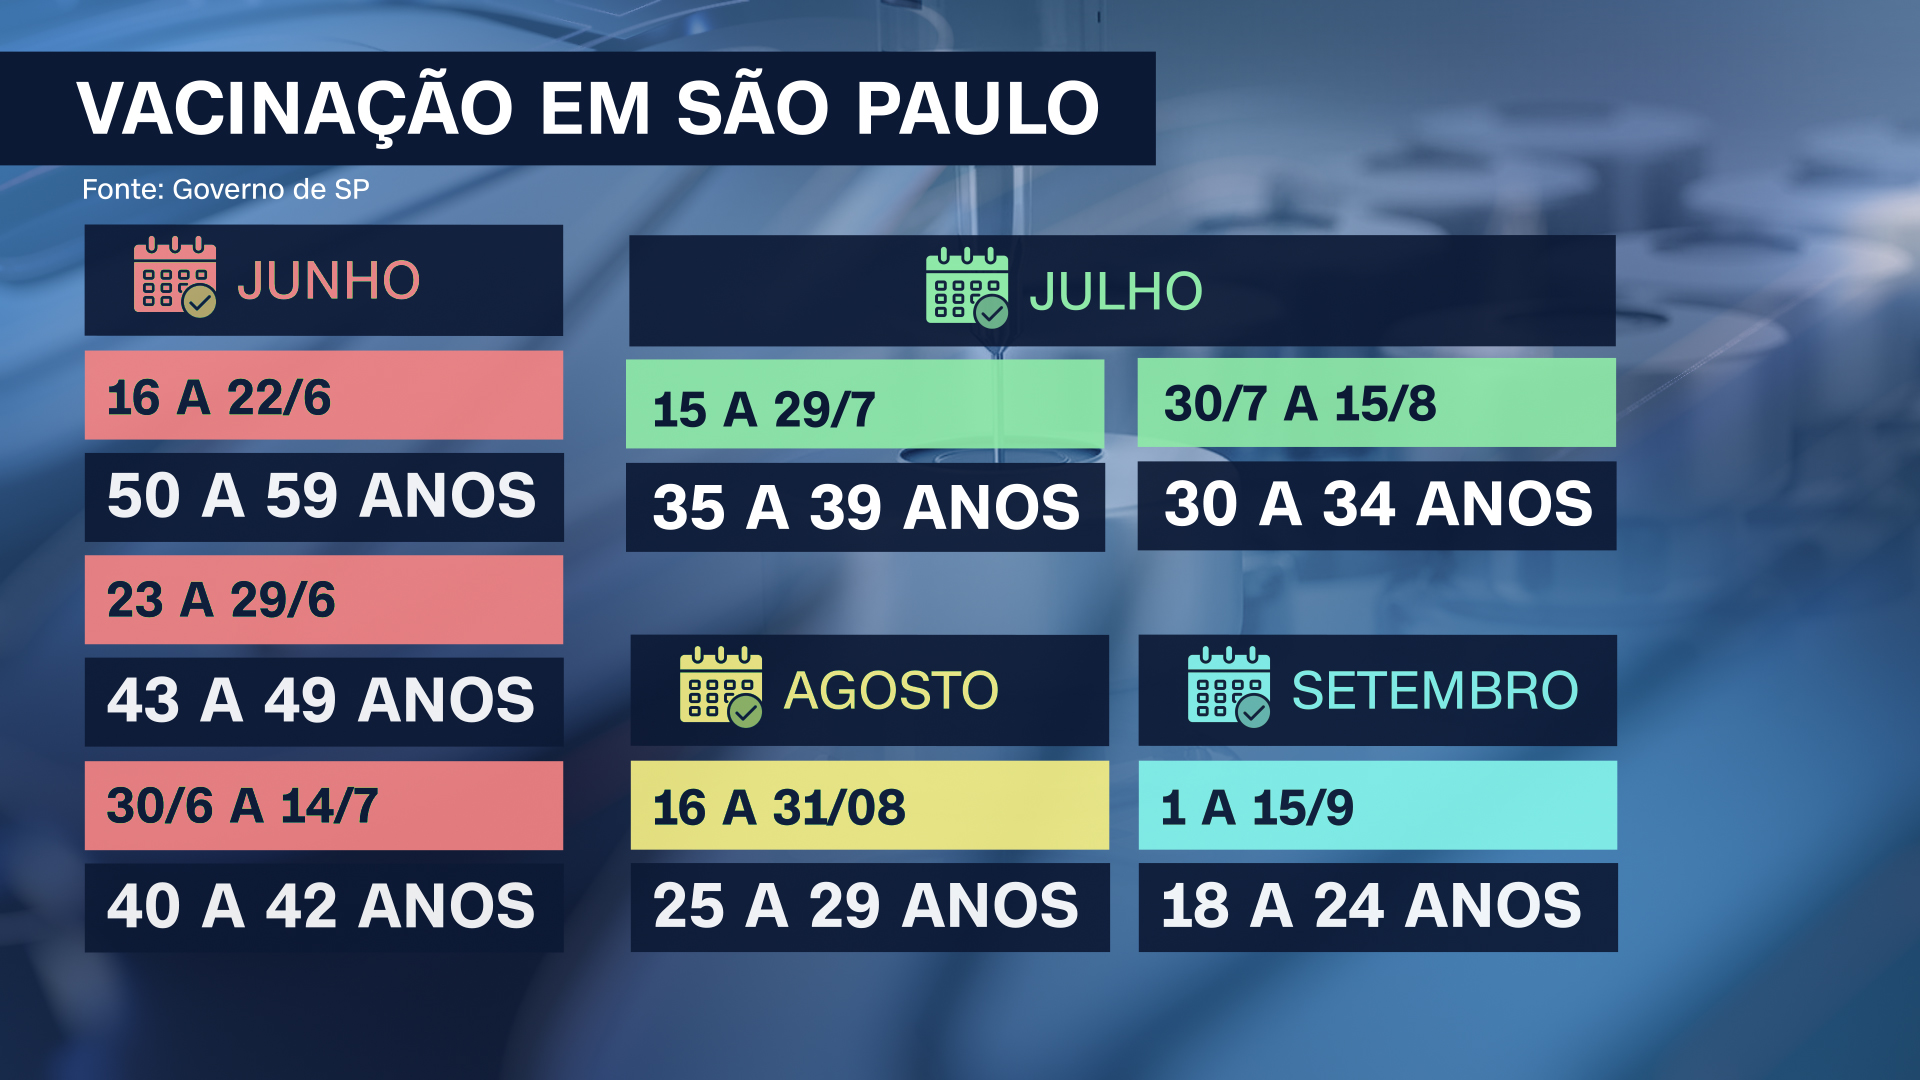 Novo calendário da vacinação contra Covid-19 divulgado pelo Governo de São Paulo